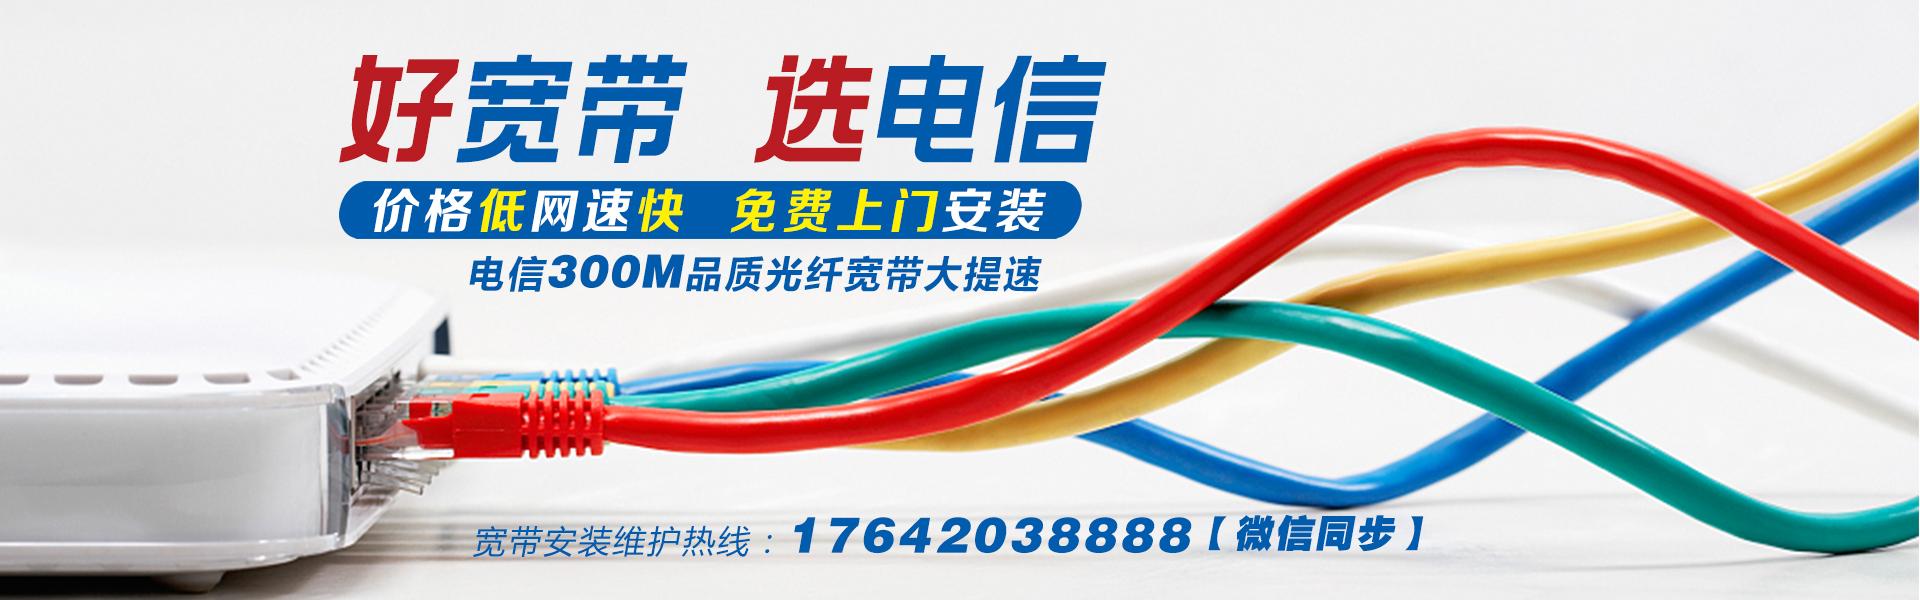 沈阳电信宽带安装 沈阳电信宽带办理 沈阳电信宽带价格